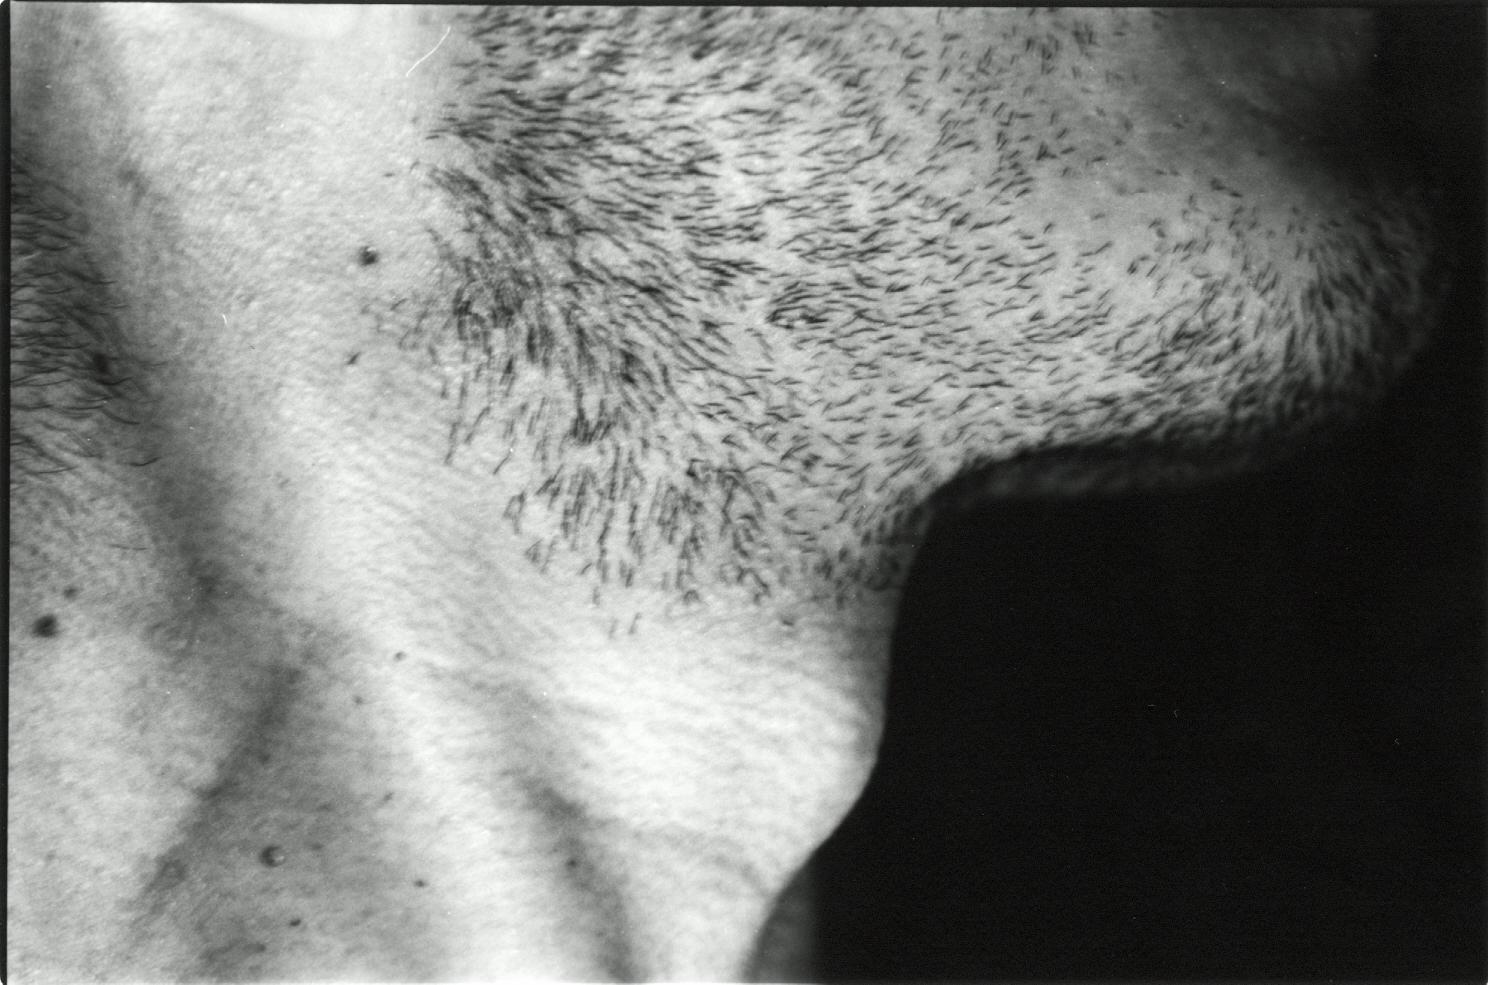 Skin No. 2